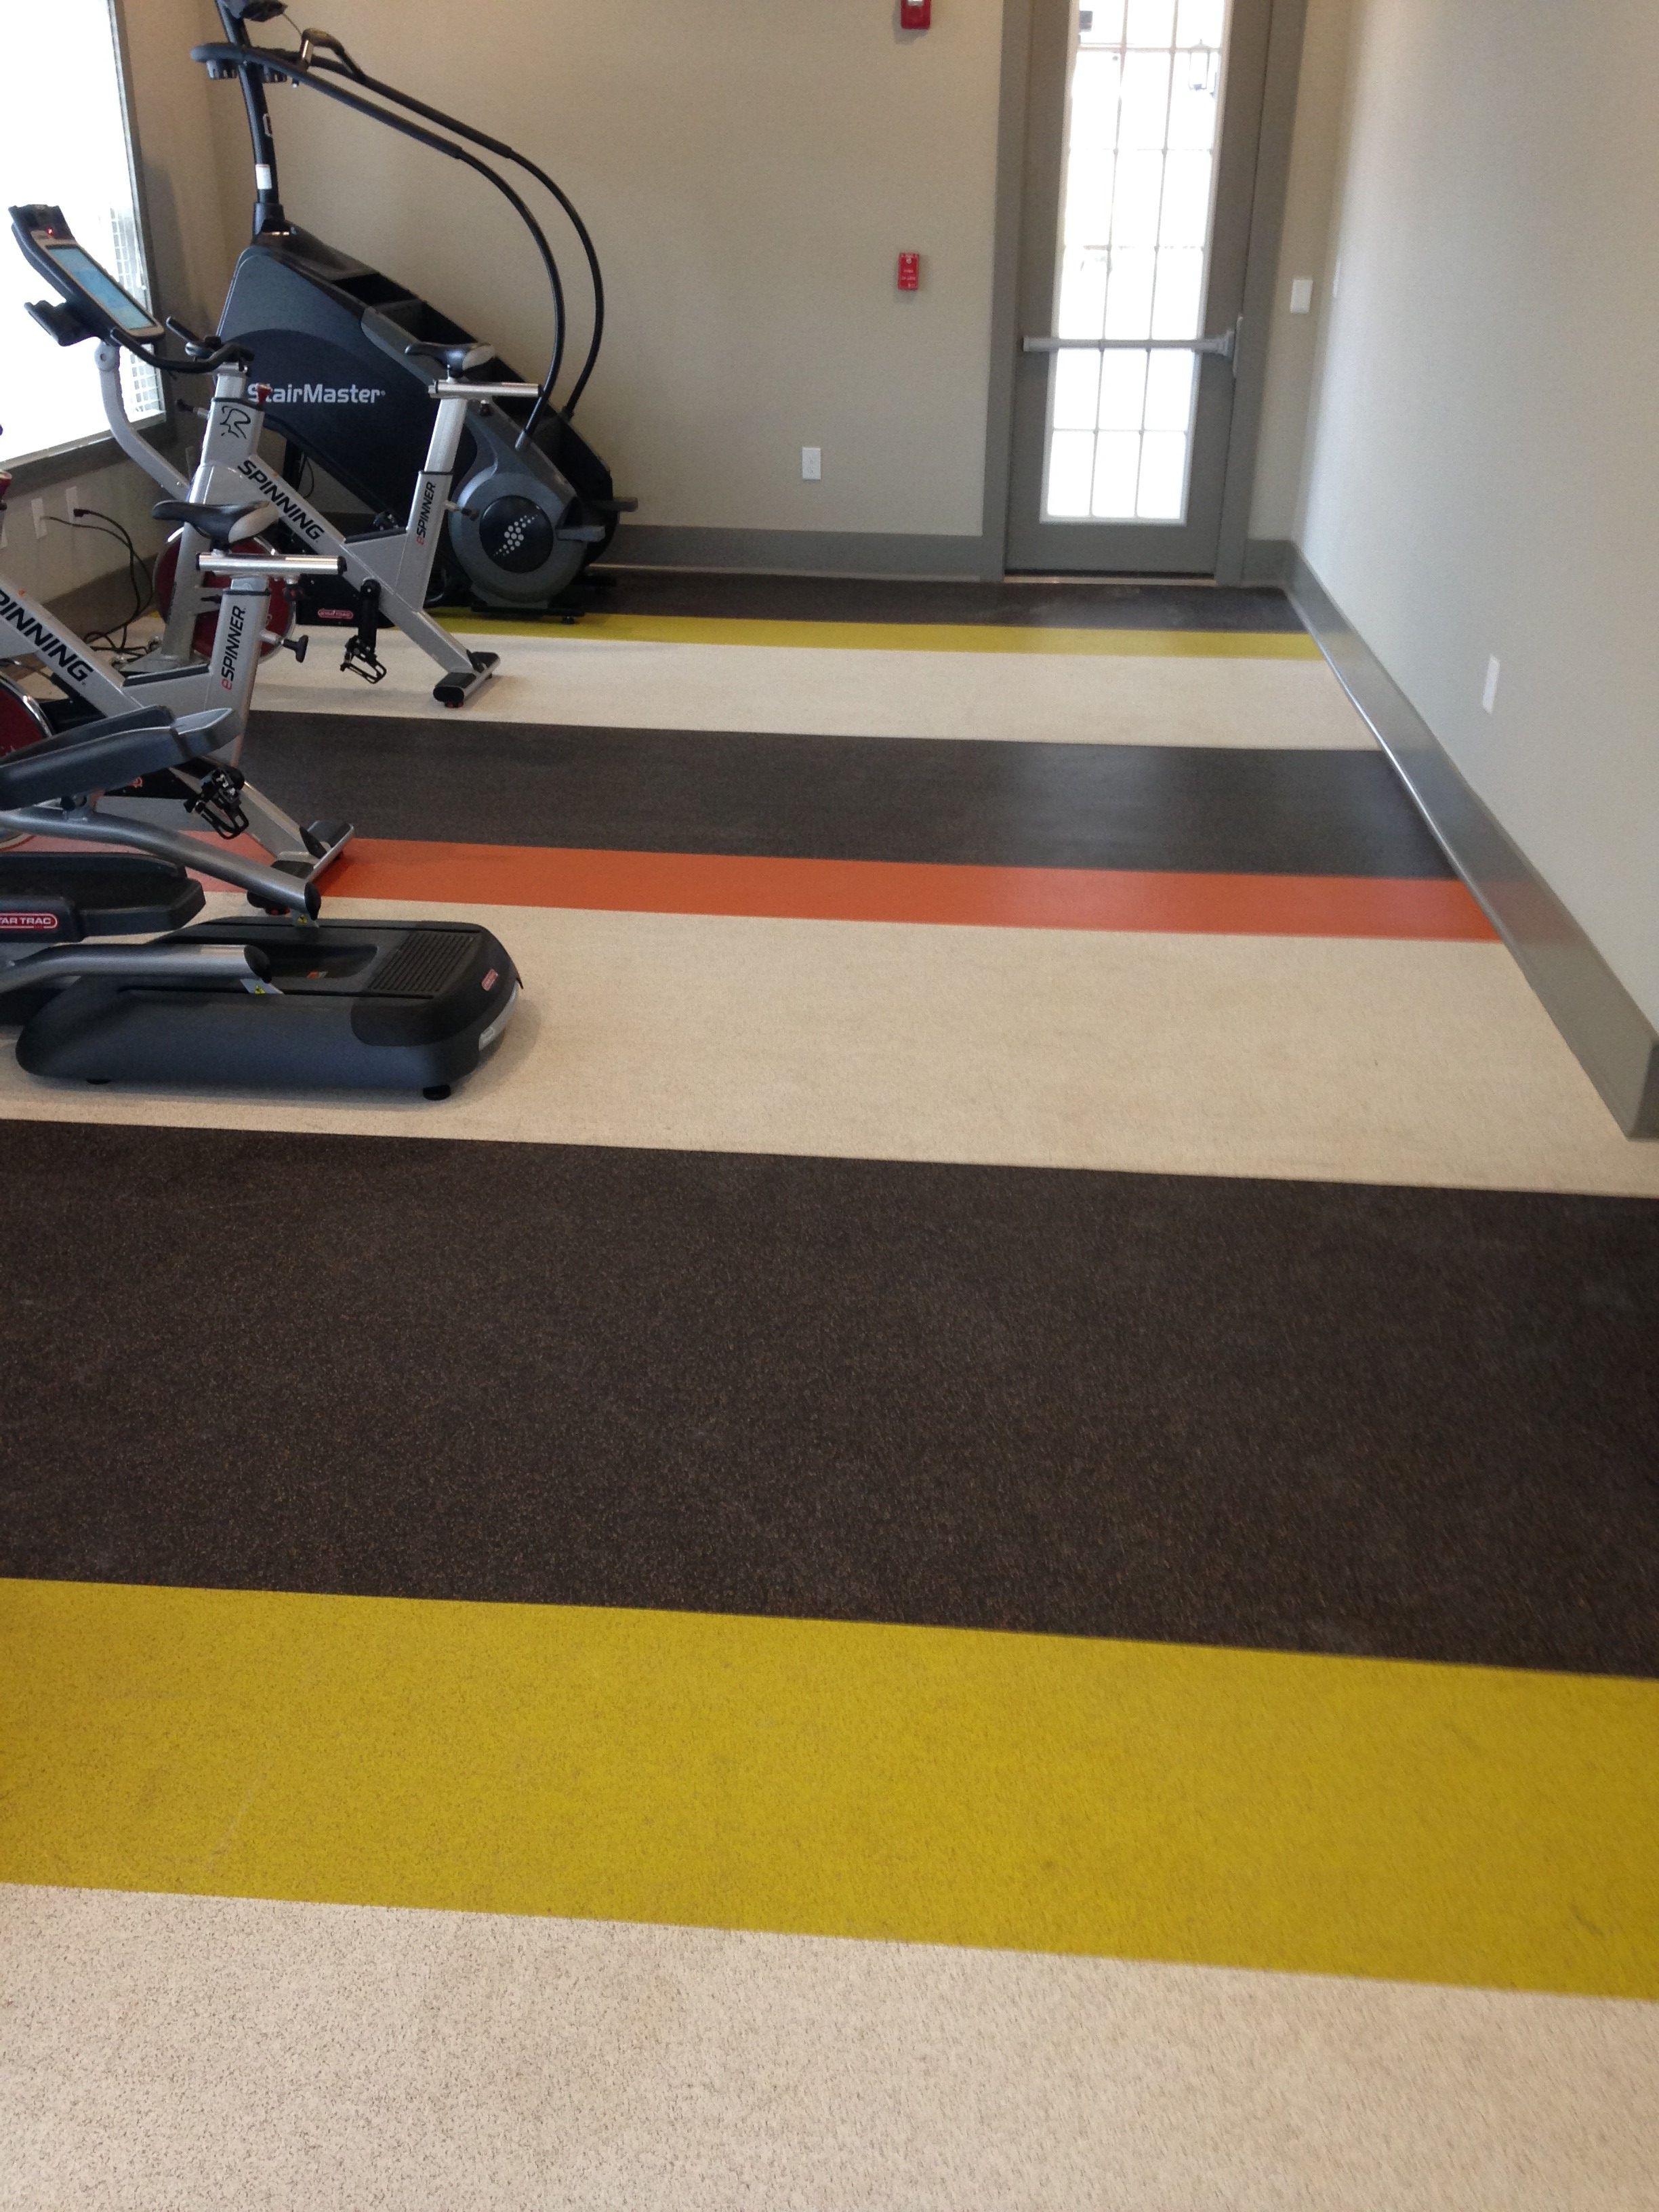 Cork & Rubber Flooring Available At Wwwtrinitysurfacescom #Gym Flooring #